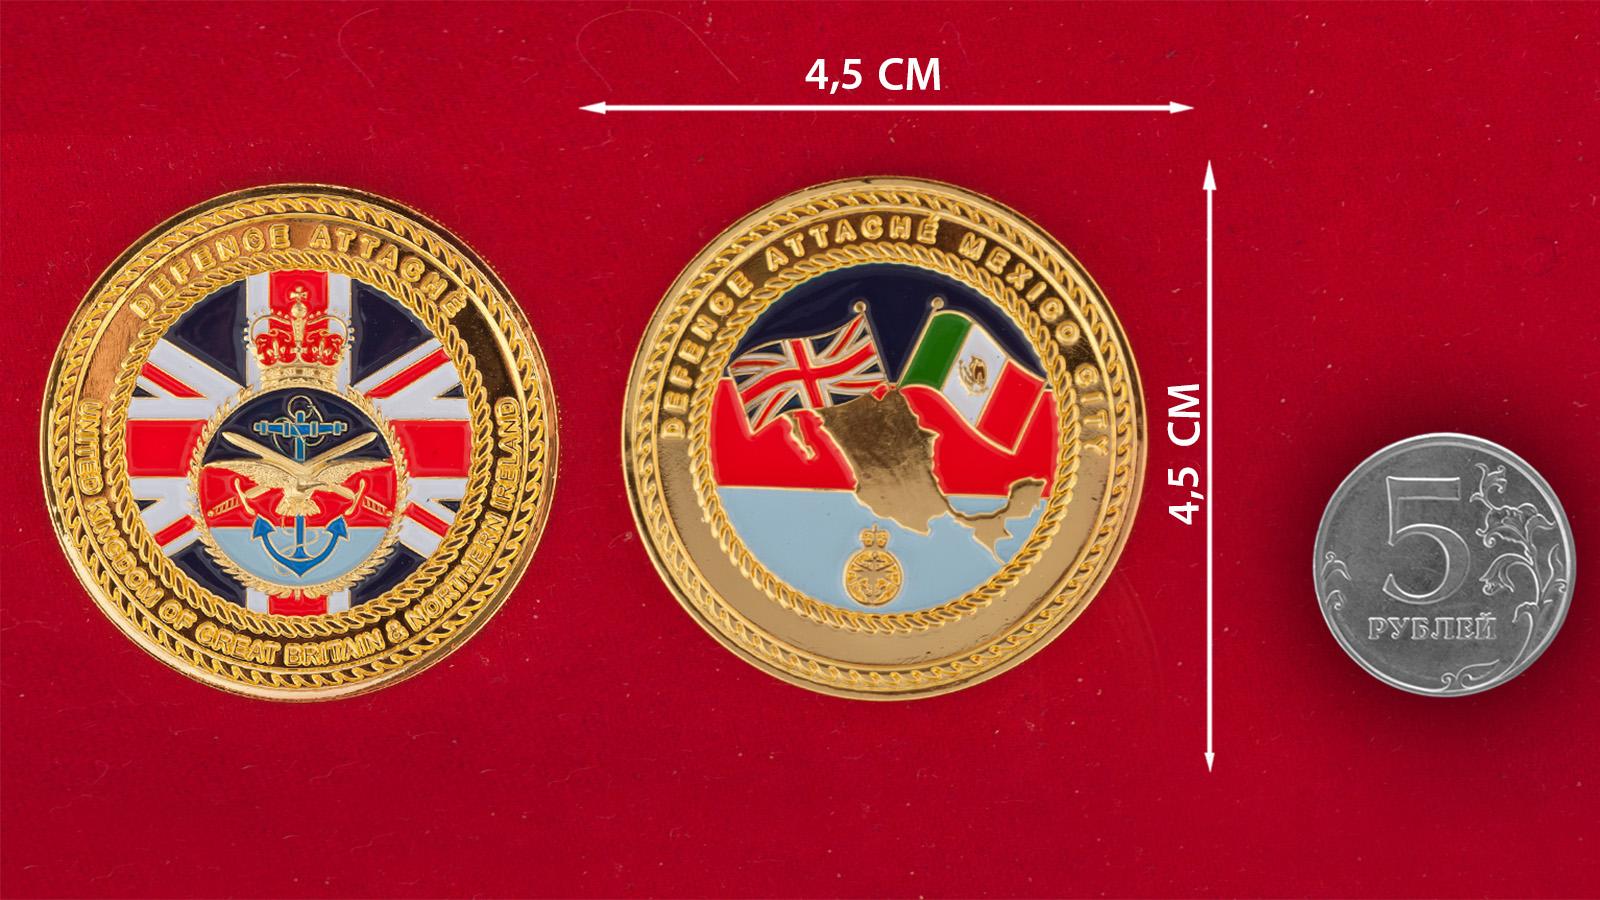 Челлендж коин военного атташе Великобритании в Мексике - сравнительный размер